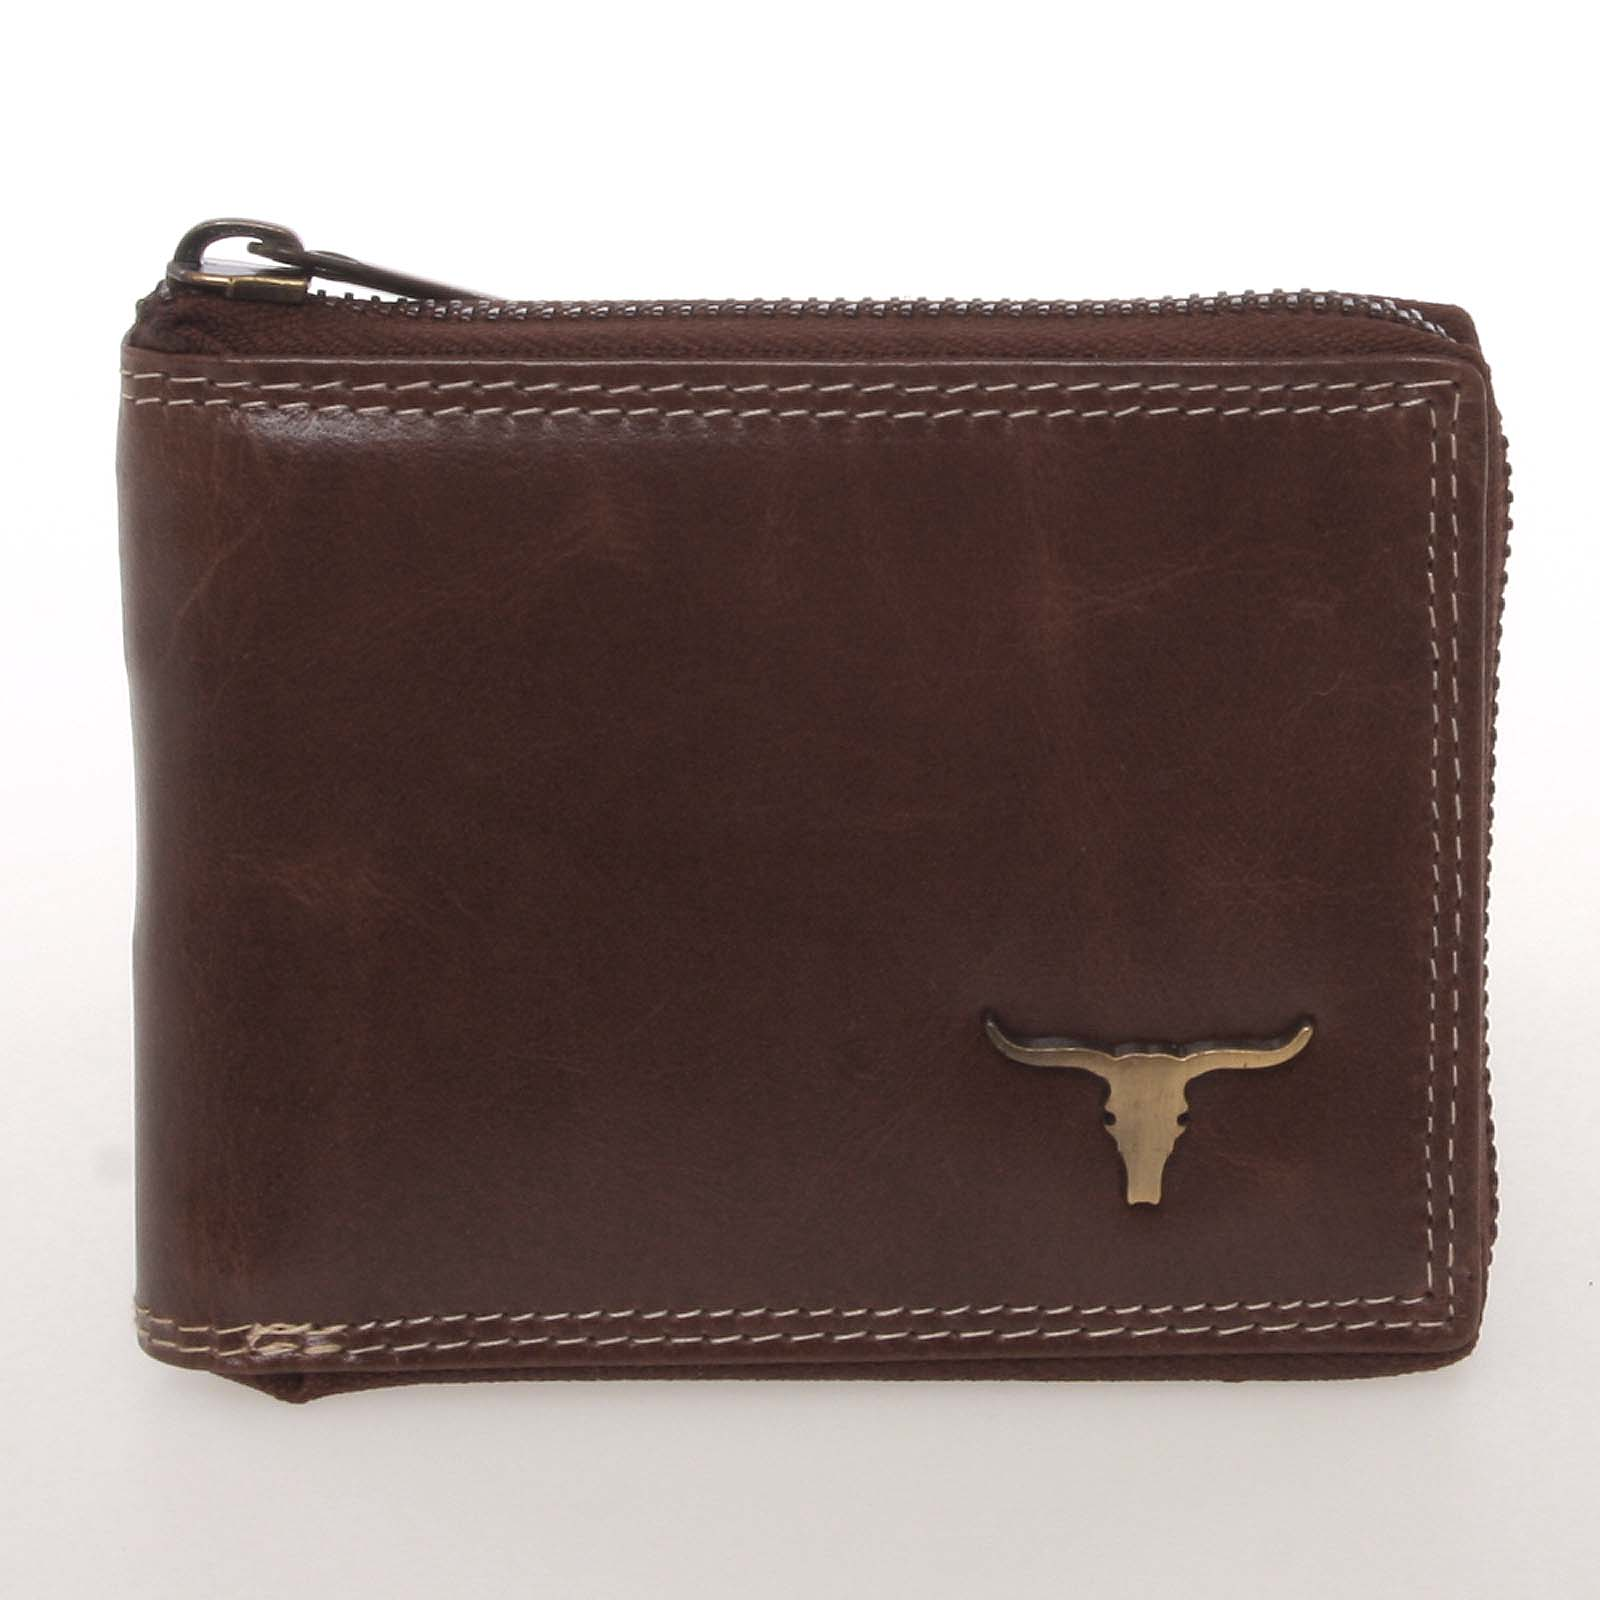 Módní pánská kožená peněženka na zip hnědá - BUFFALO Reymundo